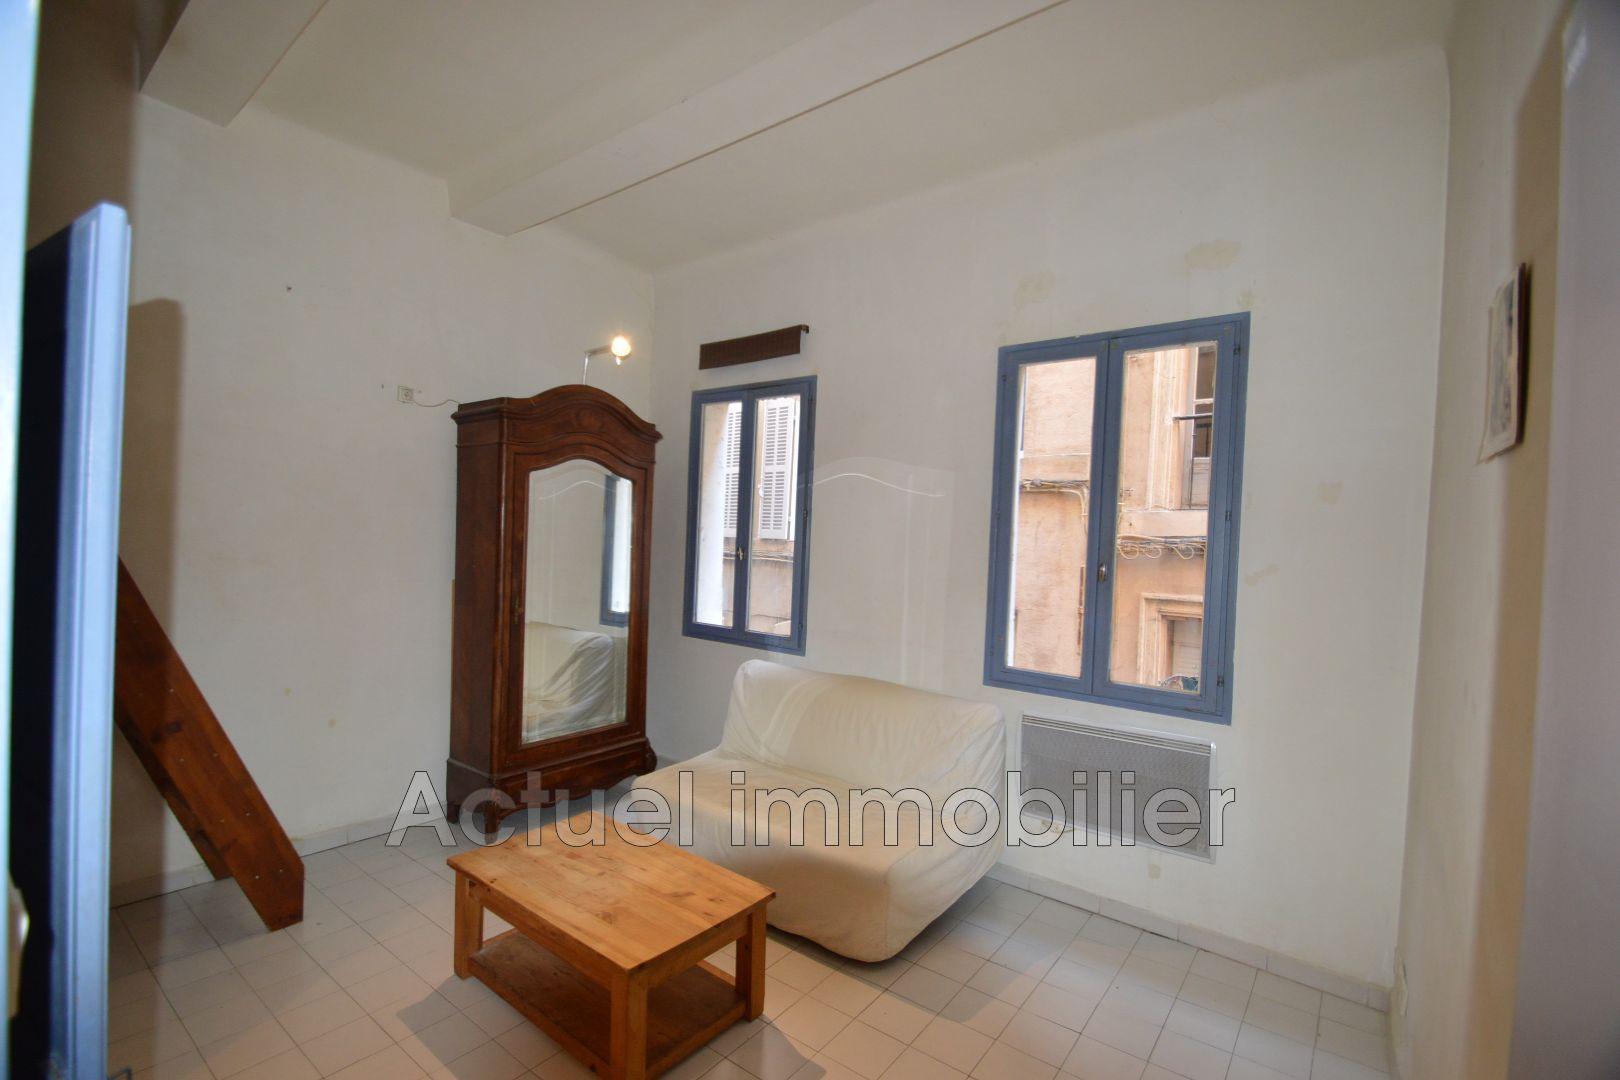 For sale Studio cabin Aix-en-Provence 18 m² , 127 000 €